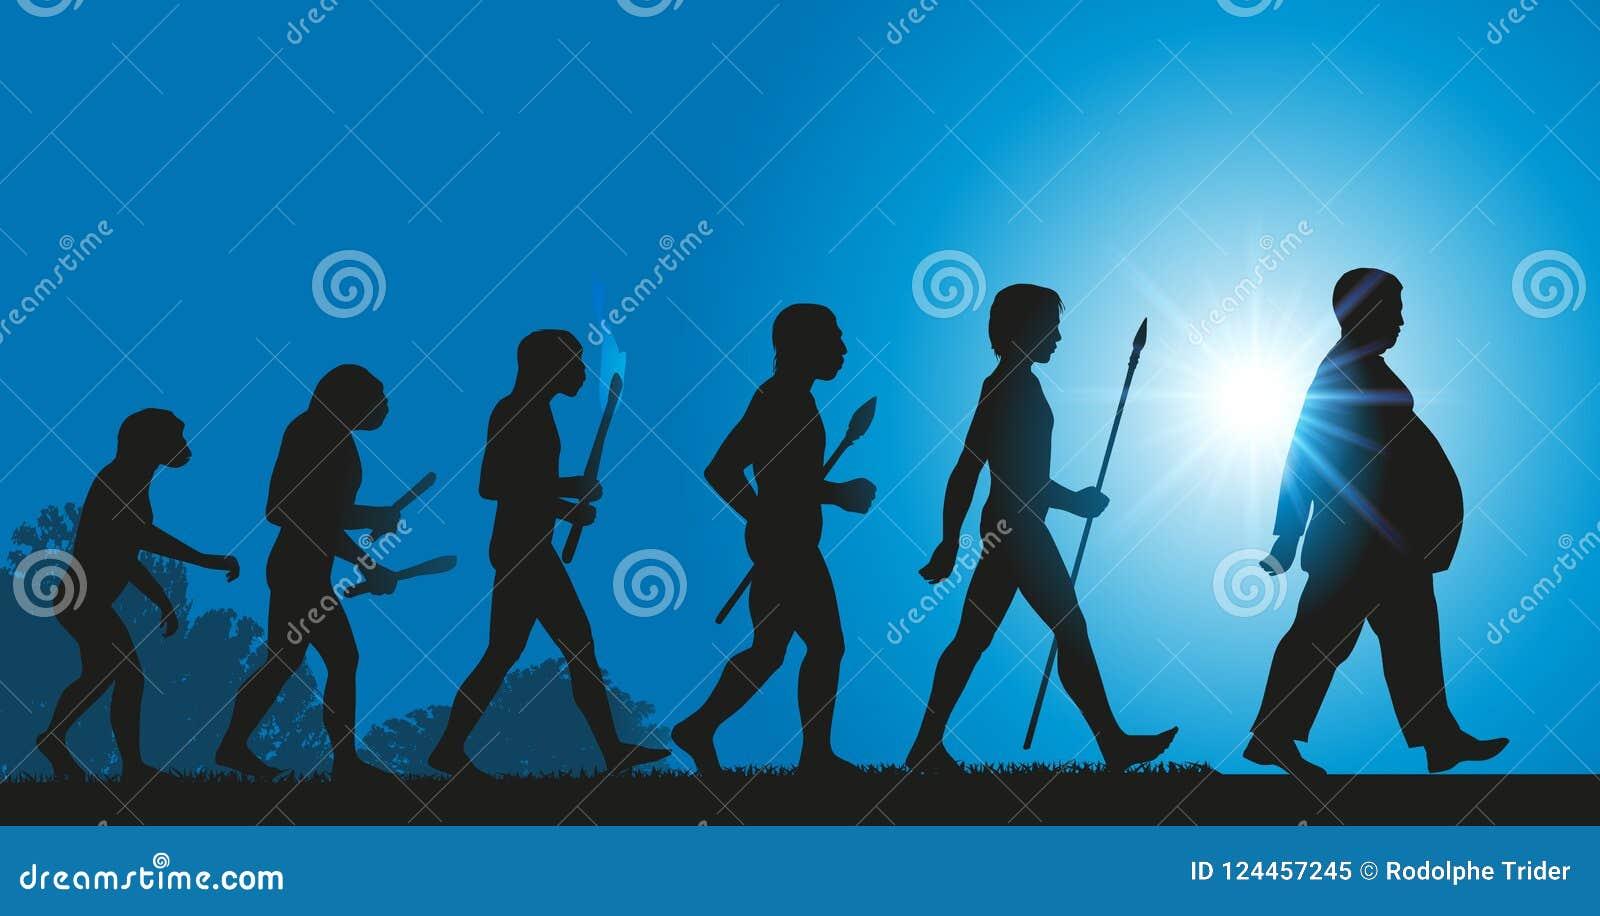 Die Entwicklung von Menschlichkeit in Richtung zu einer Zunahme der Korpulenz wegen einer schlechten Diät